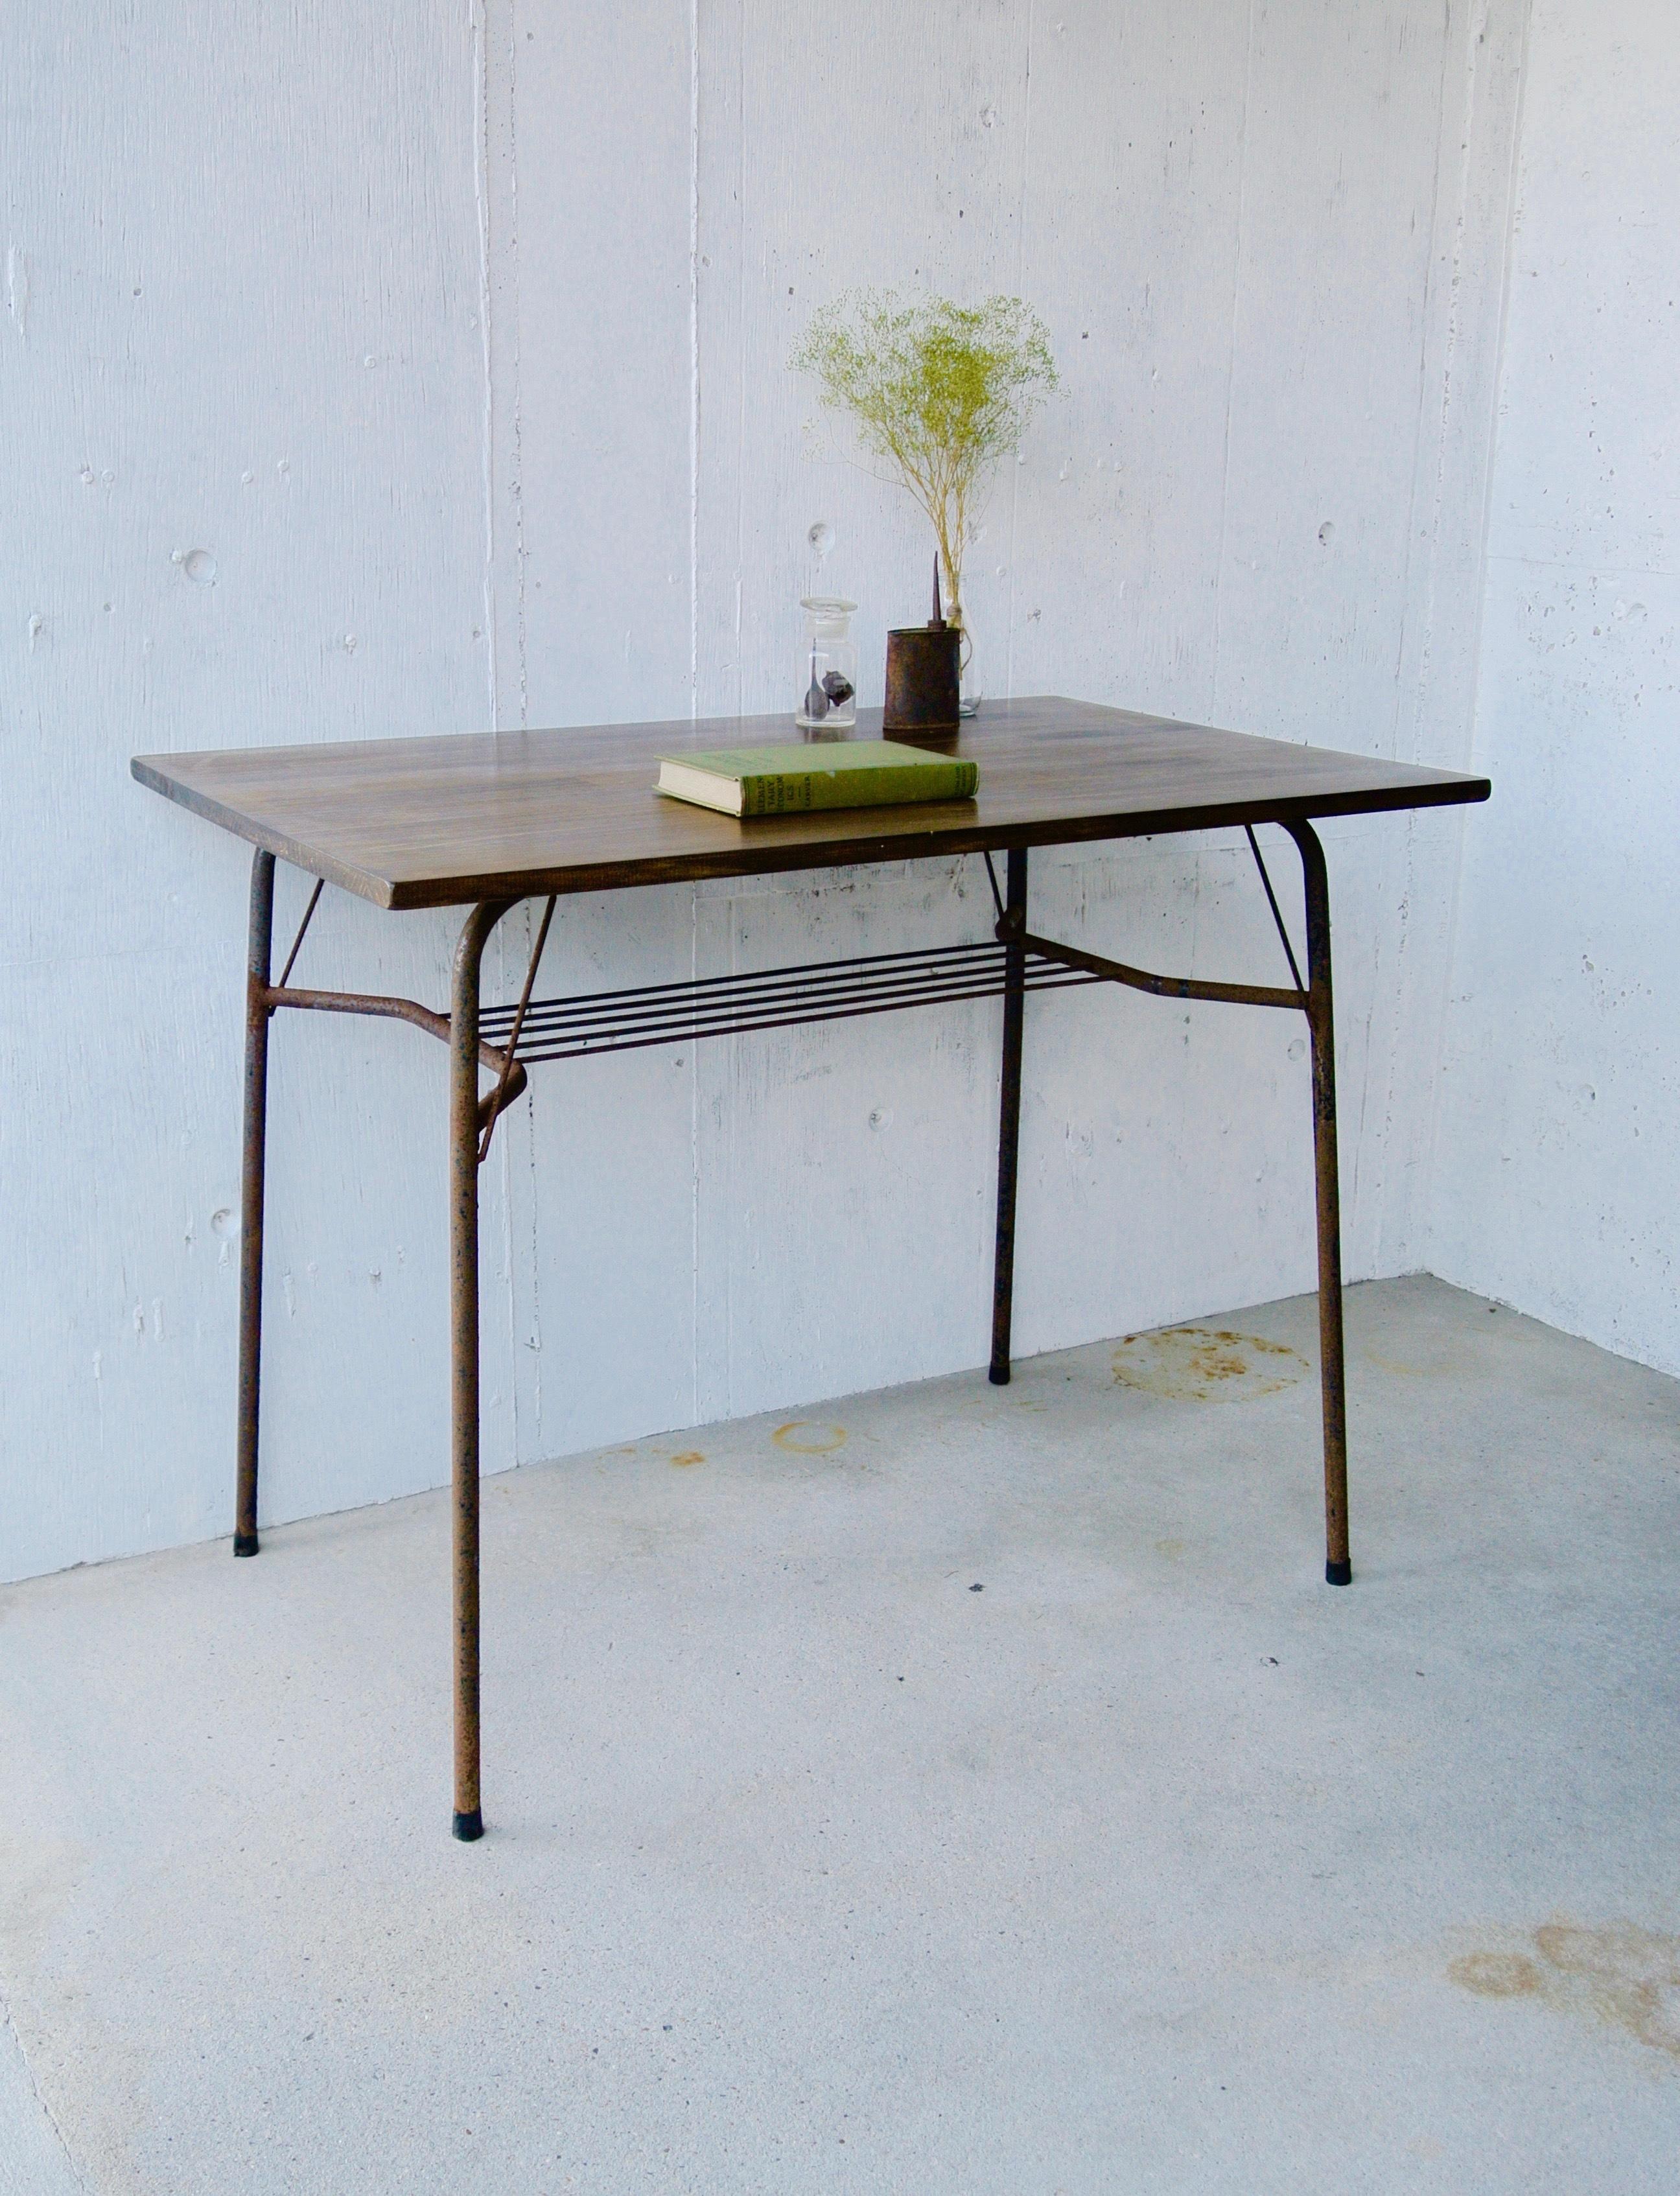 濃い木味×サビ脚のテーブル[オリジナルリメイク]